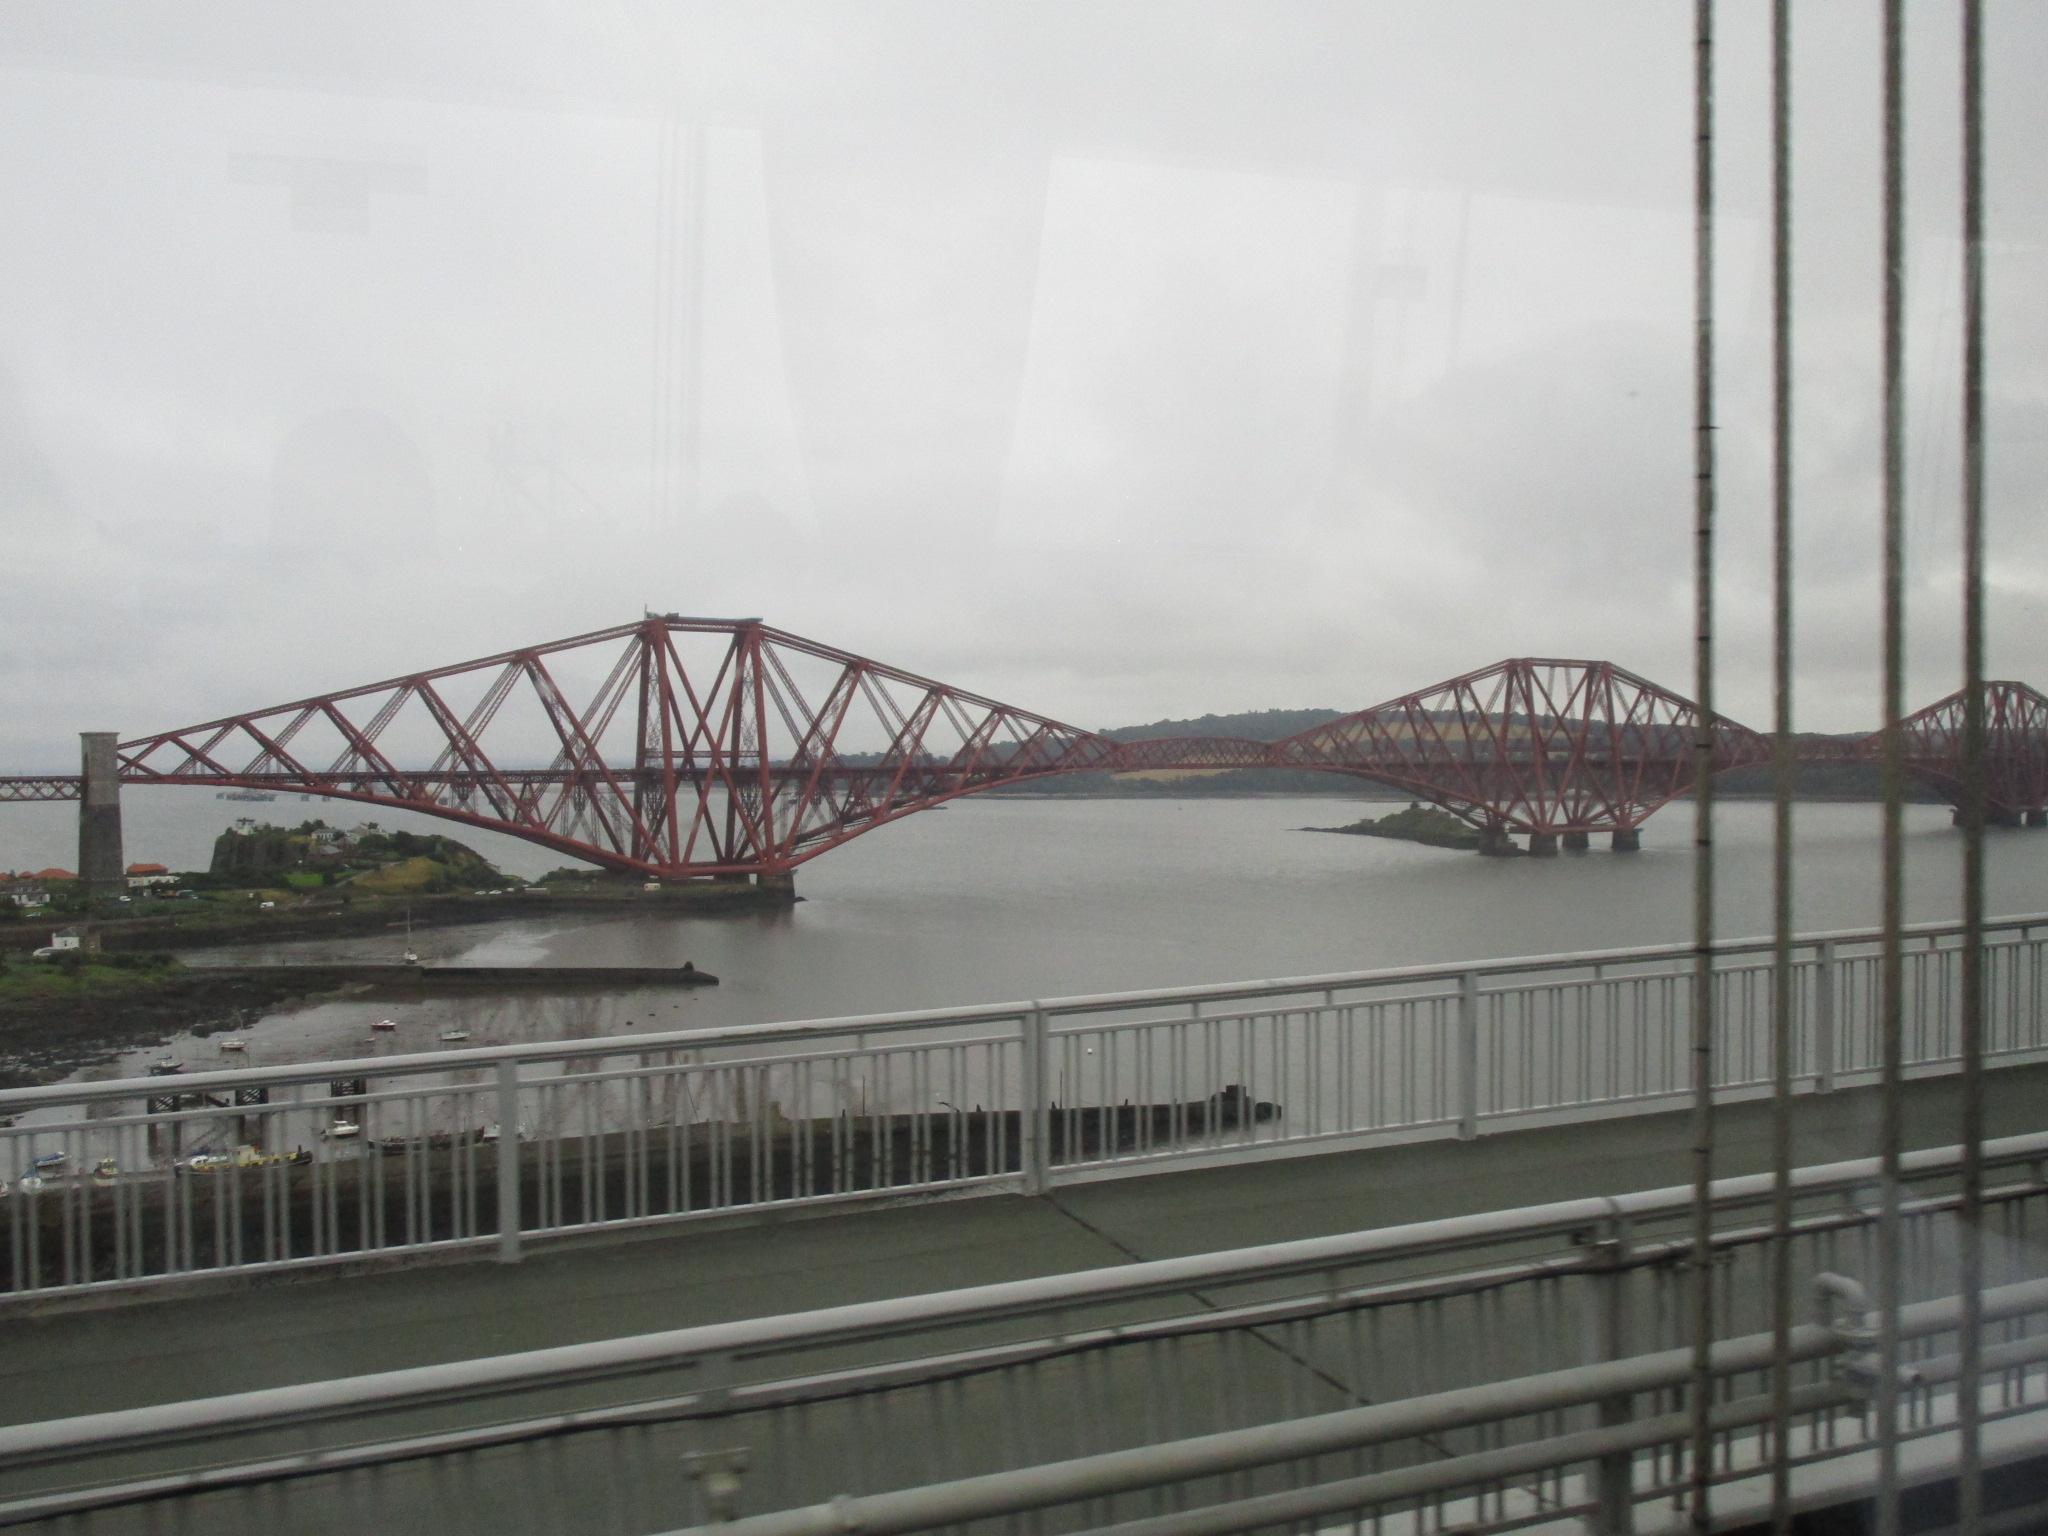 フォース鉄道橋の画像 p1_38